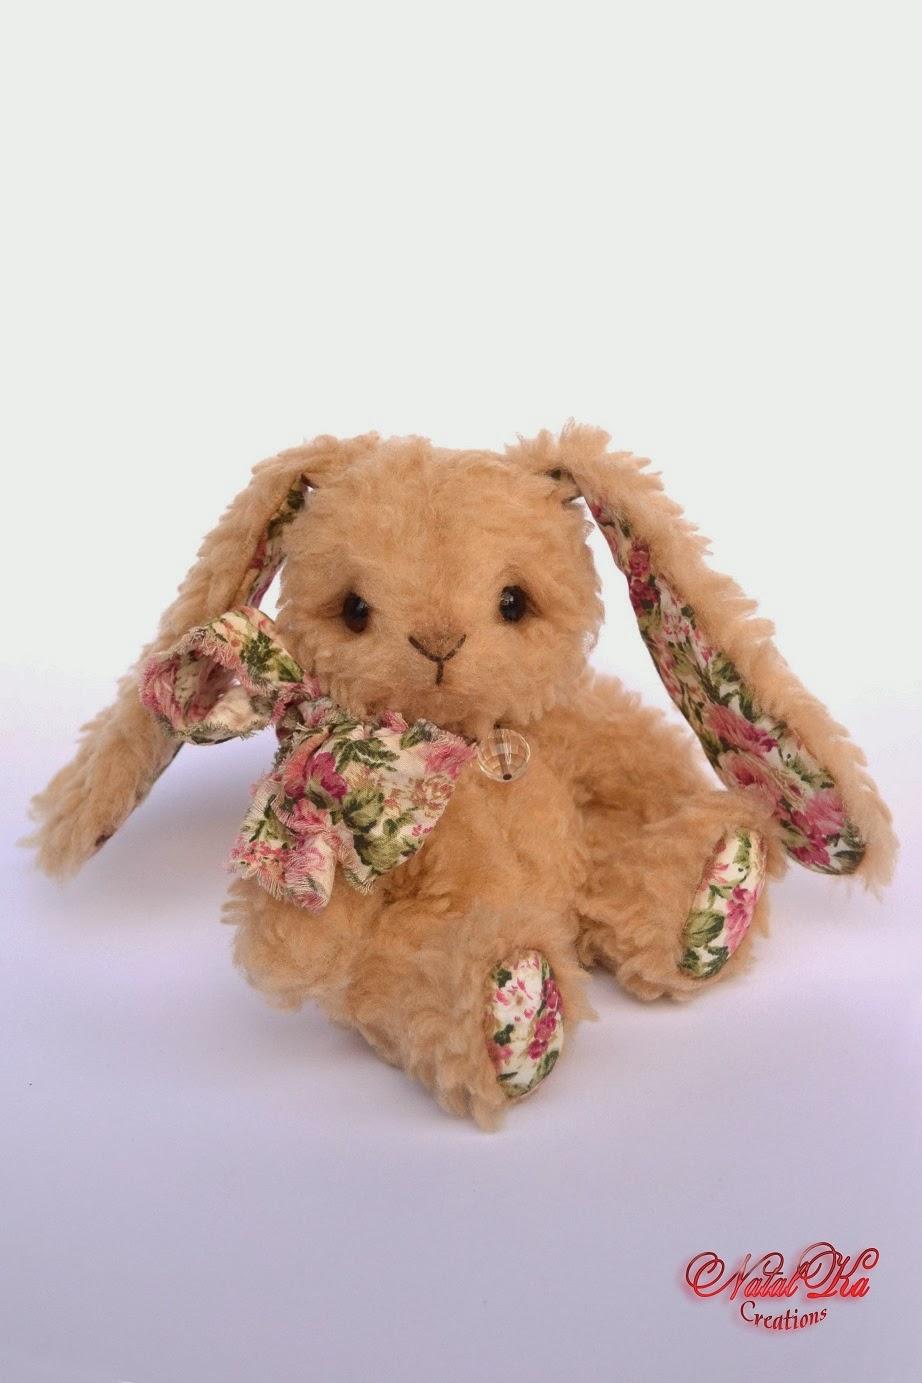 Artist teddy bunny handmade by Natalka Creations. Handgemachte teddy Häschen von NatalKa Creations